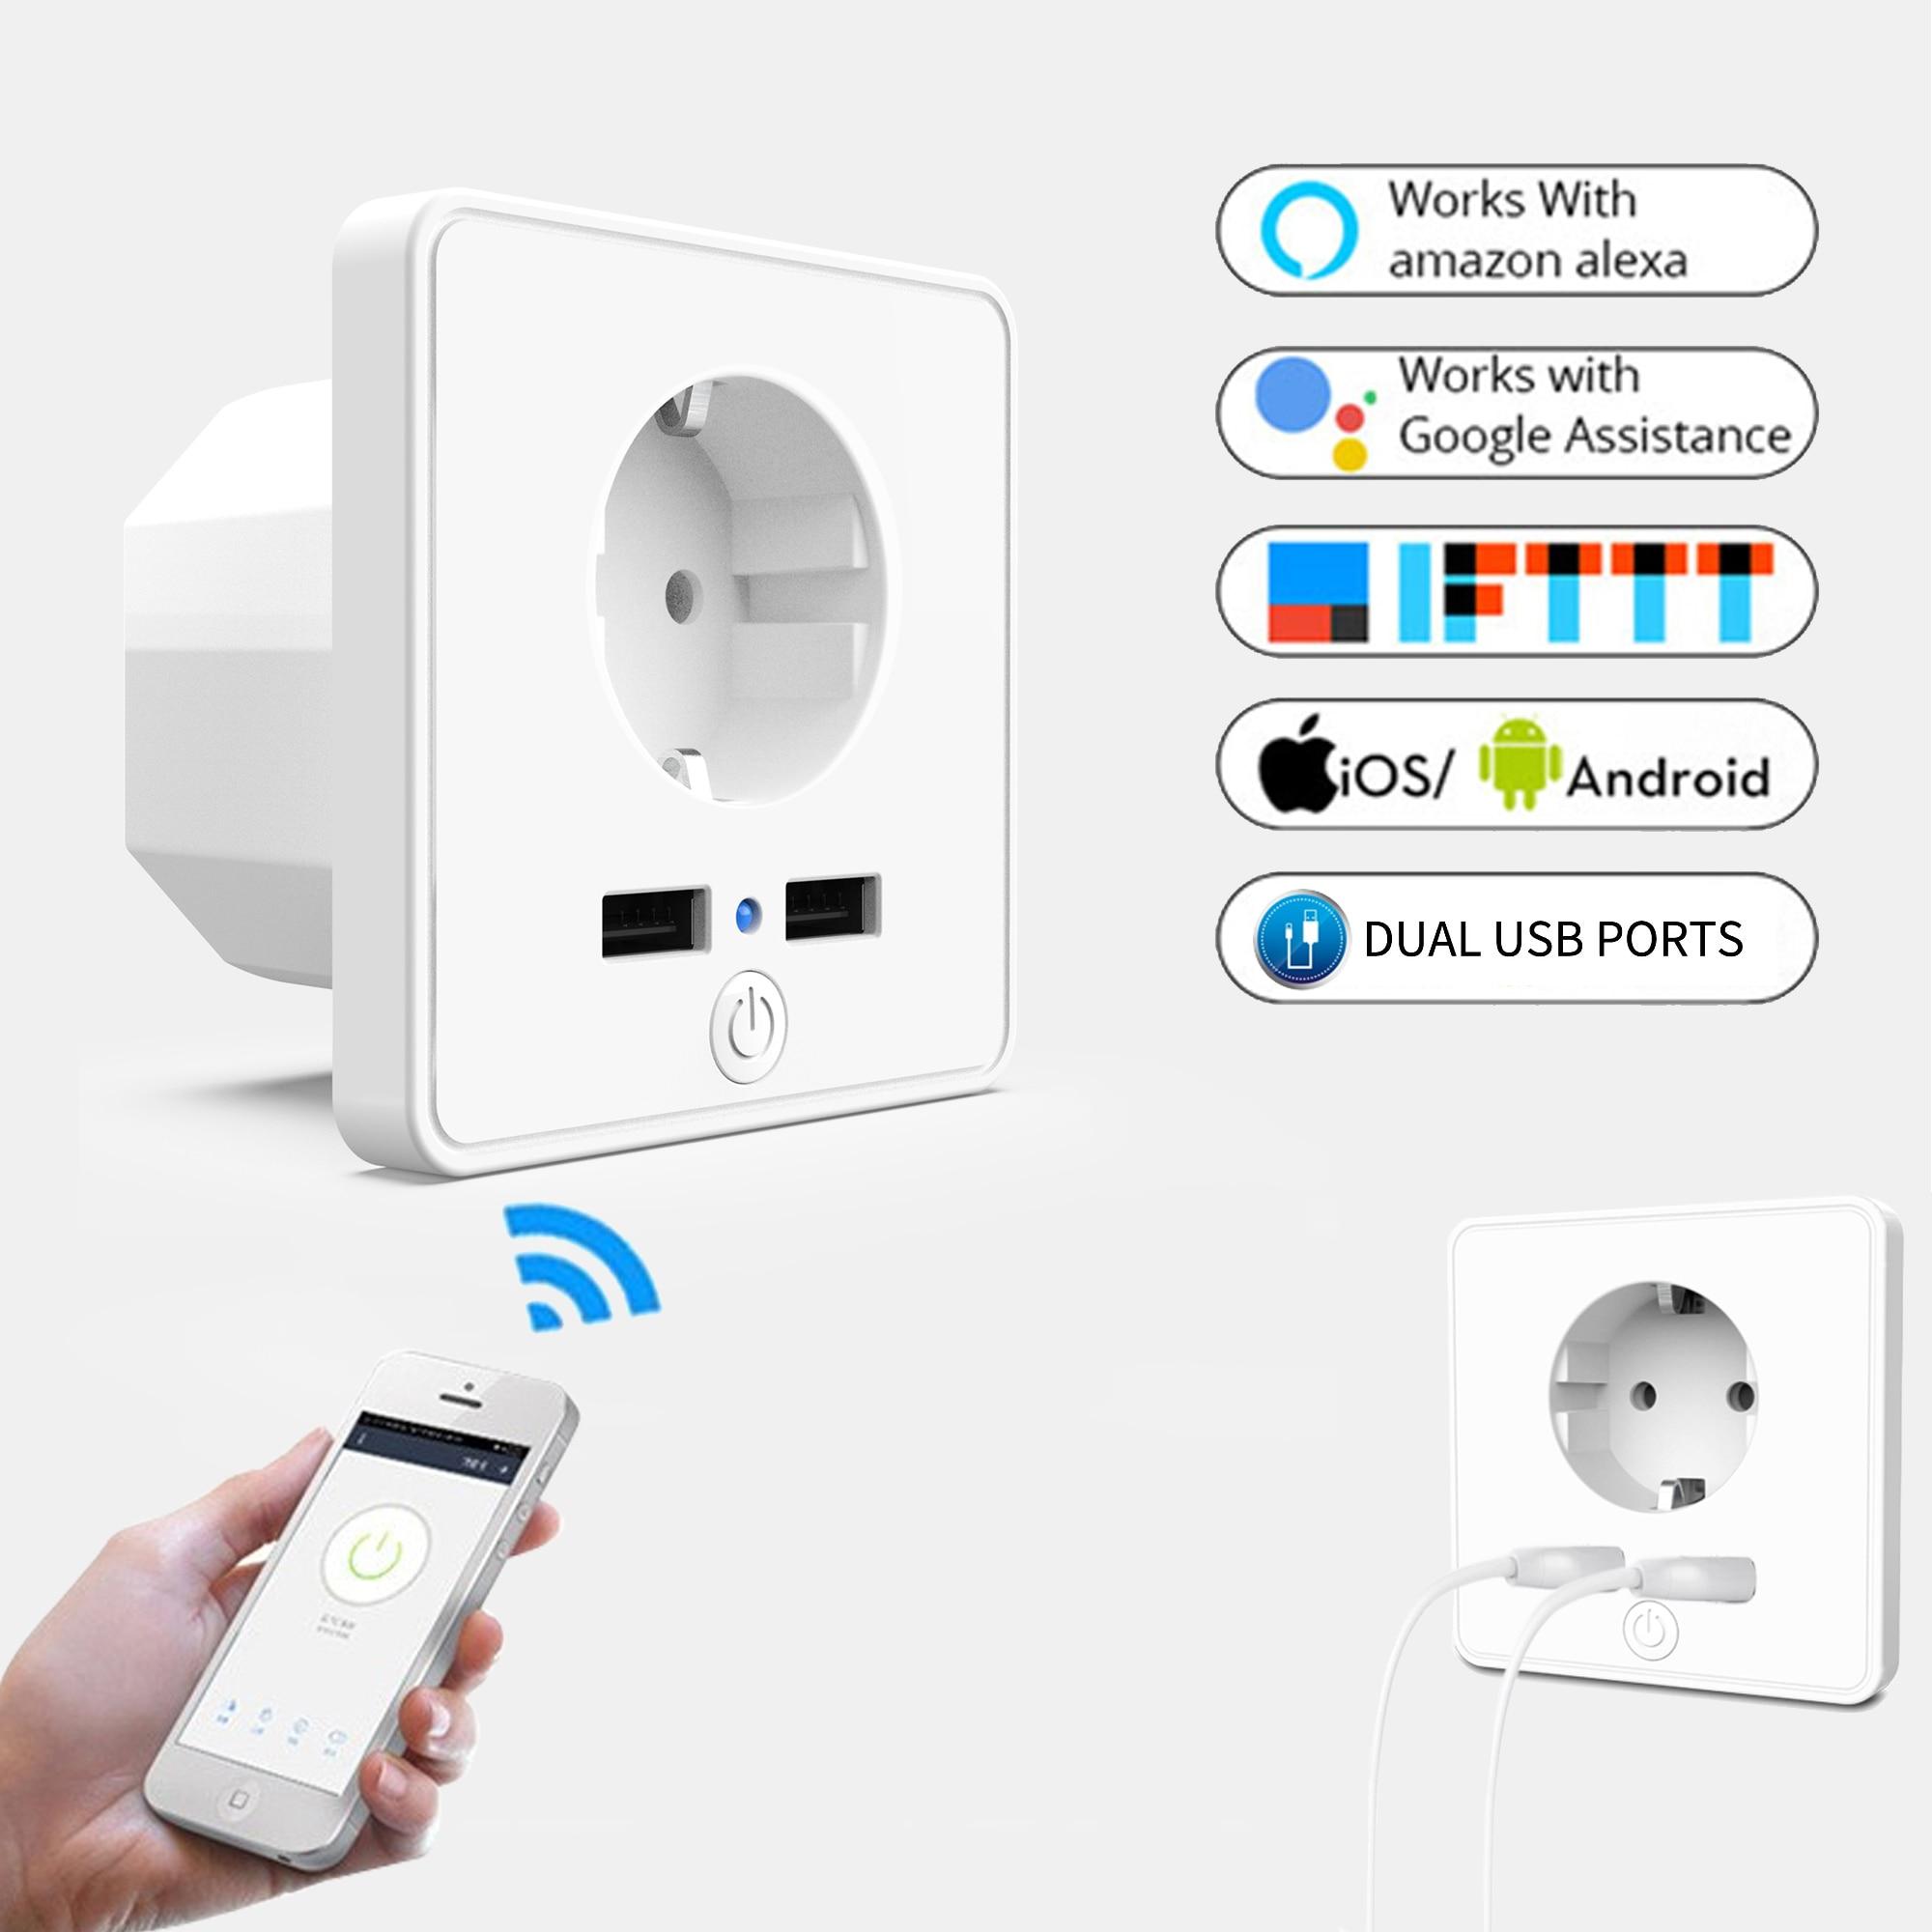 ZUCZUG enchufe Universal inteligente WiFi enchufe de pared enchufe de la UE puertos USB Dual toma de corriente Pop con Alexa Google toma para voz en casa UE/WiFi inteligente pared luz Dimmer interruptor regulador de vida inteligente/Tuya Control remoto APP funciona con Alexa de Amazon y Google